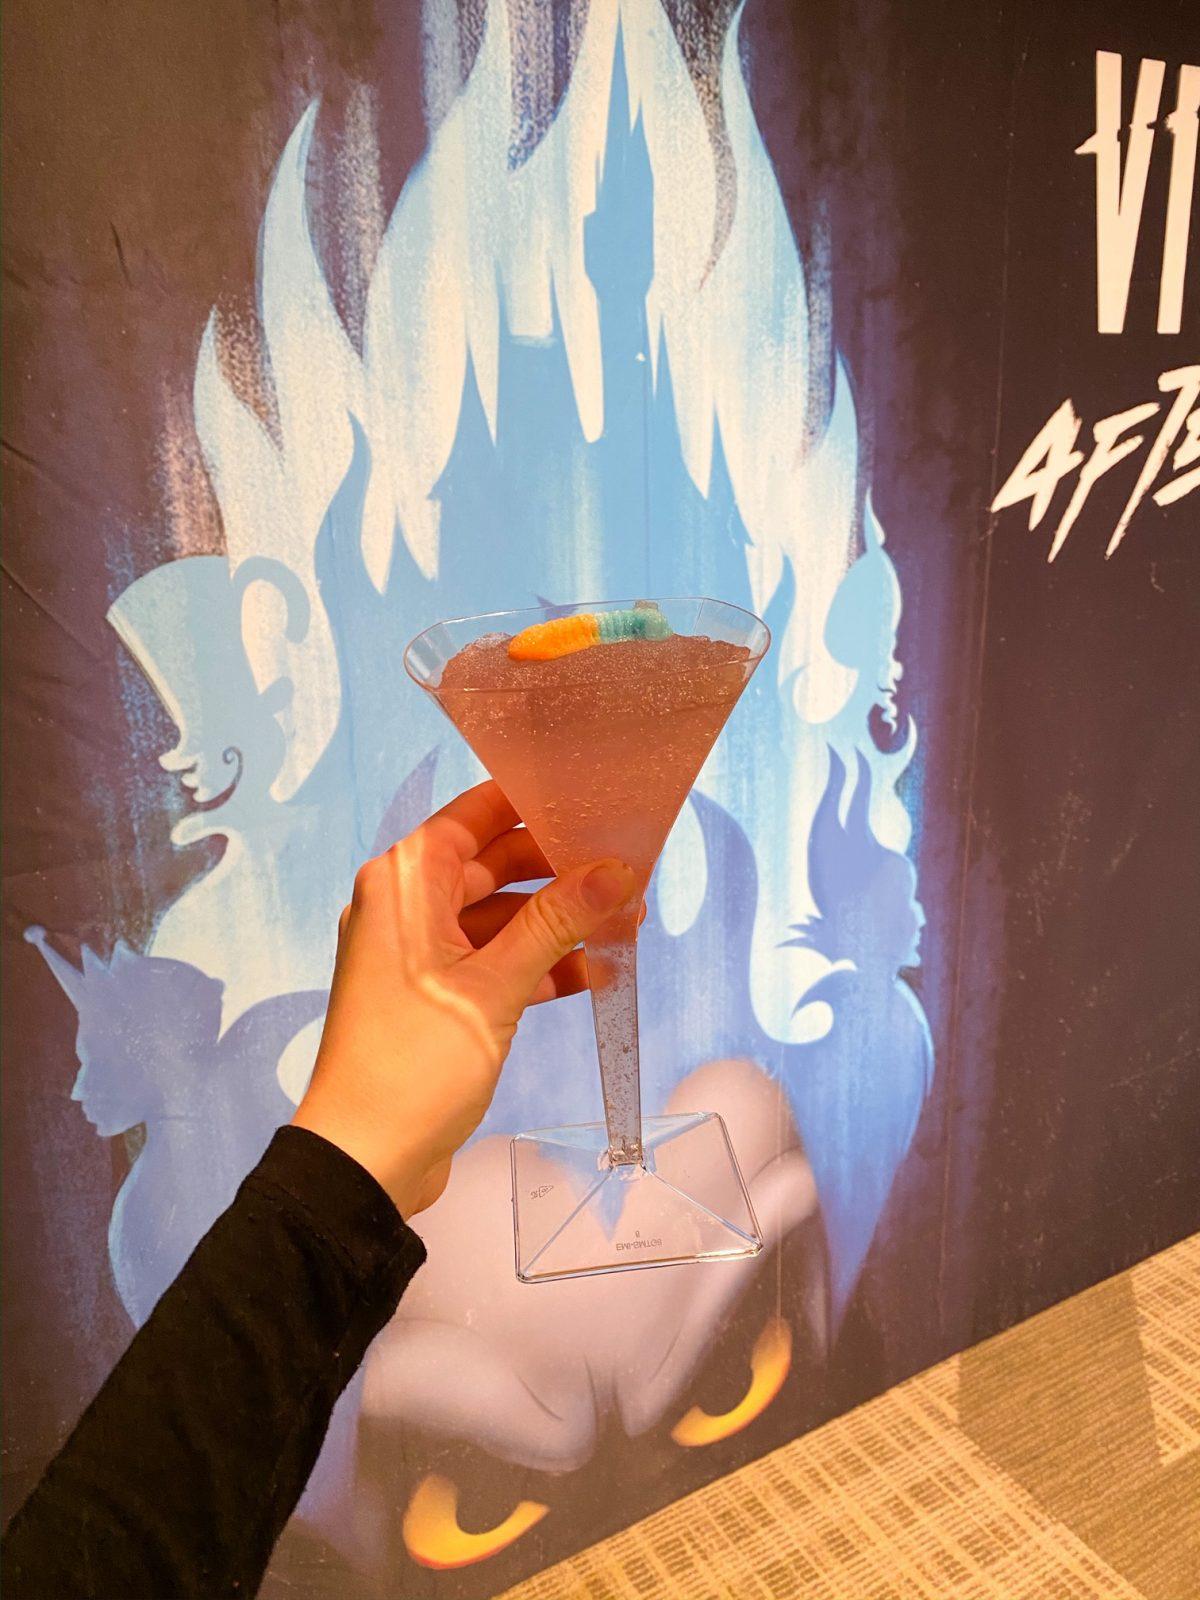 hades temptation drink at Disney